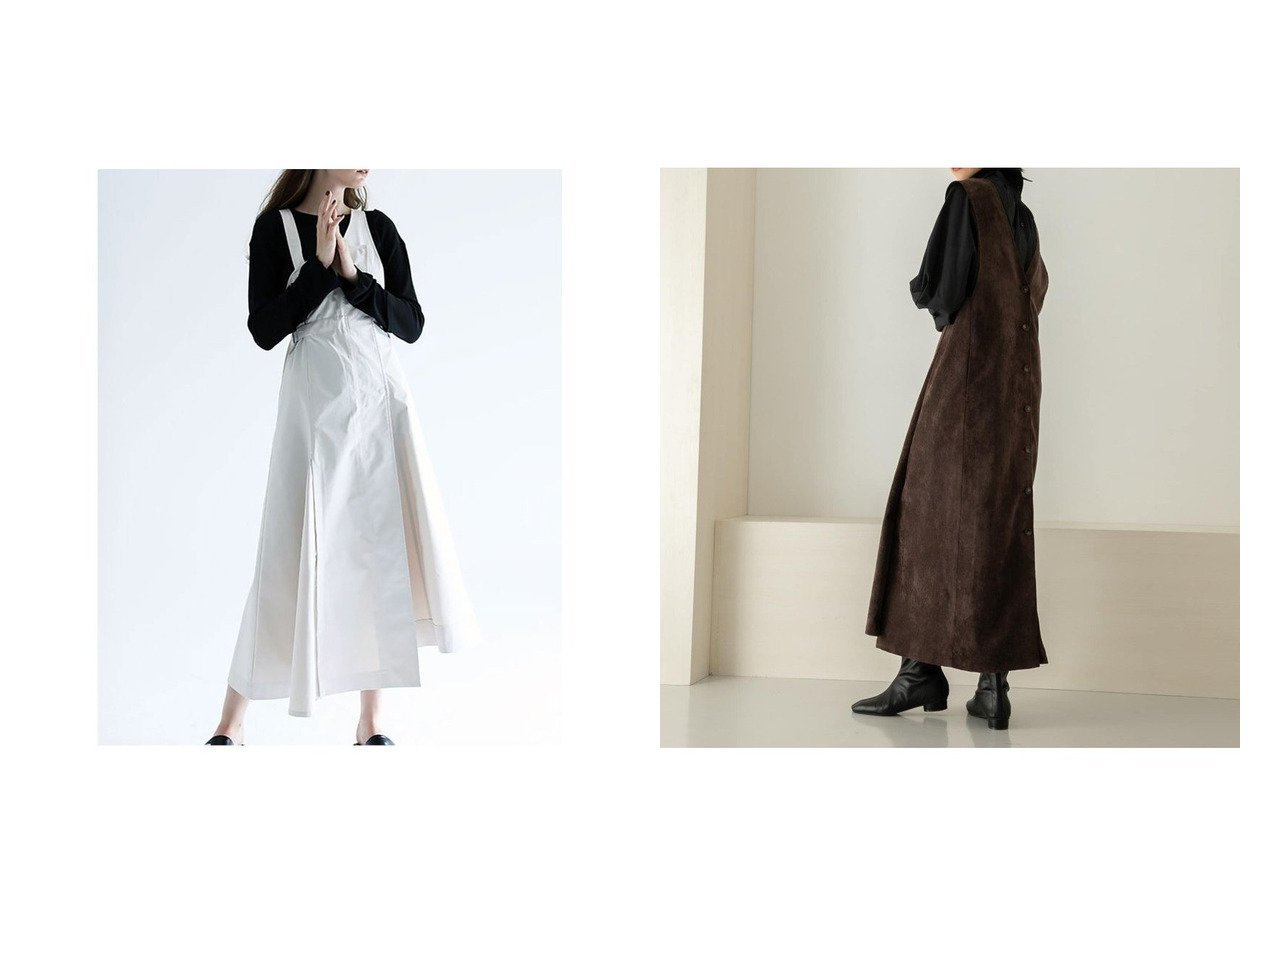 【KBF / URBAN RESEARCH/ケービーエフ】のコーデュロイクロスジャンパースカート&【AULA AILA/アウラアイラ】のウエストマークジャンパースカート スカートのおすすめ!人気トレンド・レディースファッションの通販 おすすめで人気の流行・トレンド、ファッションの通販商品 メンズファッション・キッズファッション・インテリア・家具・レディースファッション・服の通販 founy(ファニー) https://founy.com/ ファッション Fashion レディースファッション WOMEN スカート Skirt Aライン/フレアスカート Flared A-Line Skirts インナー シェイプ フレア フロント ヘムライン ラップ コーデュロイ ショルダー スタンダード |ID:crp329100000008773